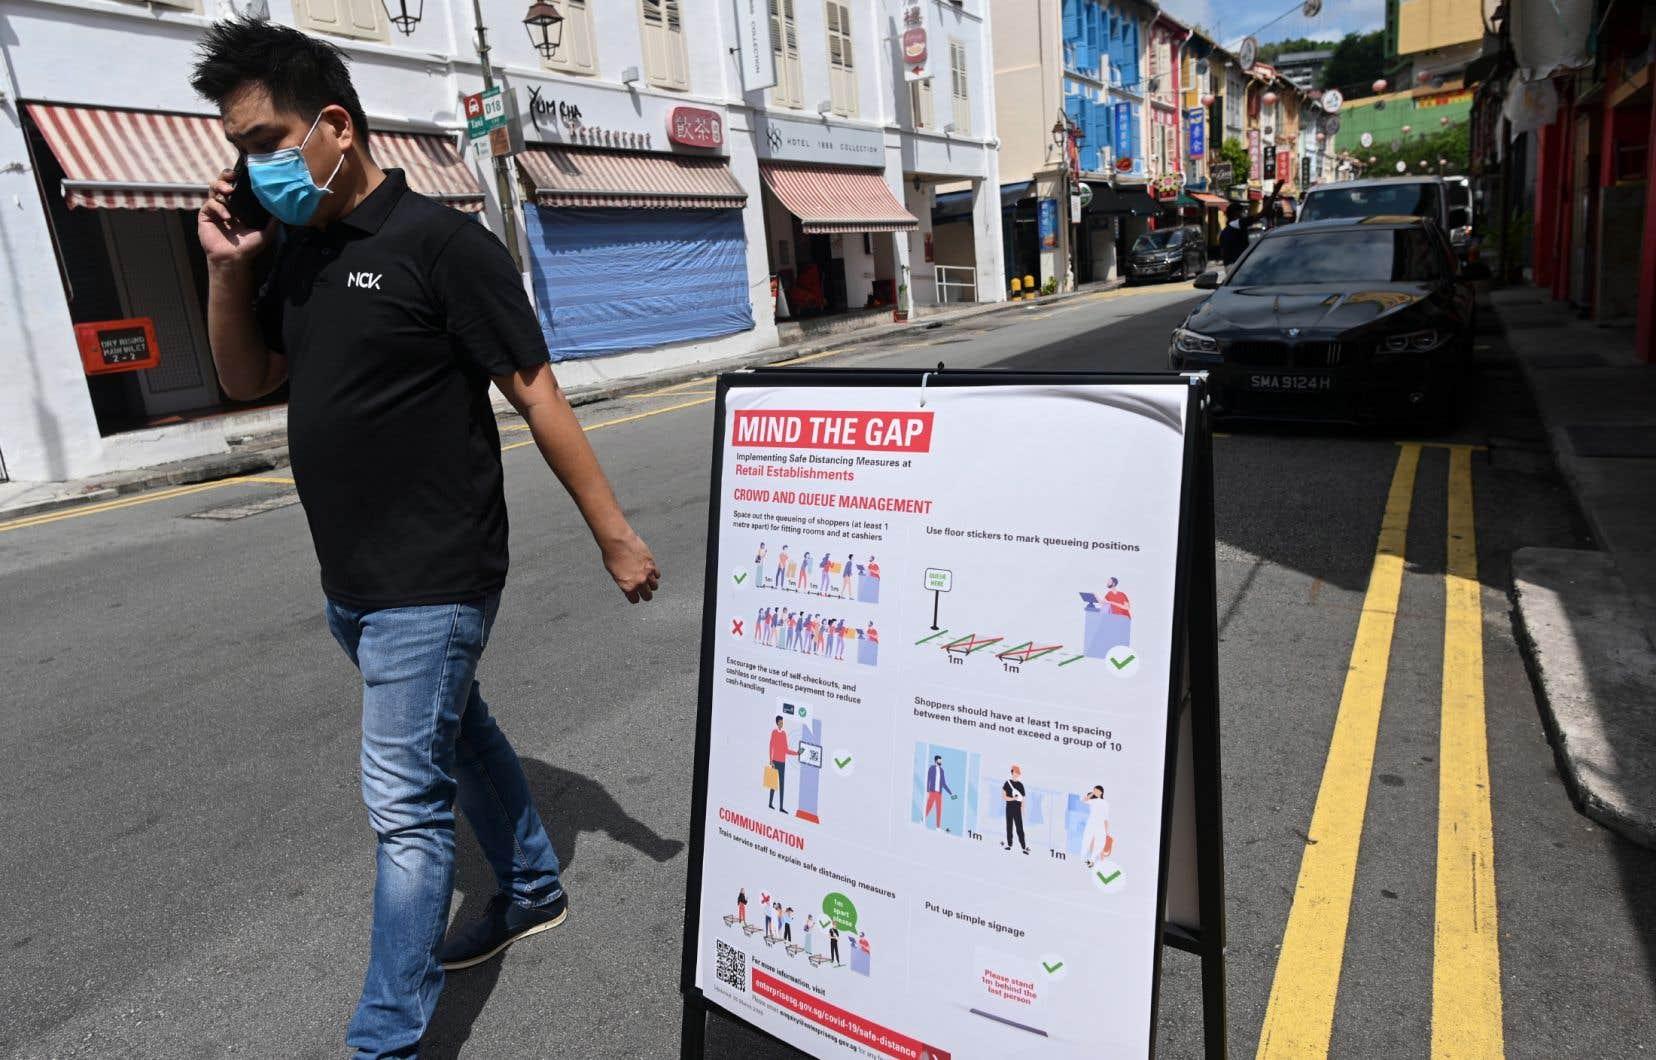 Plusieurs gouvernements ont déployé des applications de traçage numérique, comme ici à Singapour.